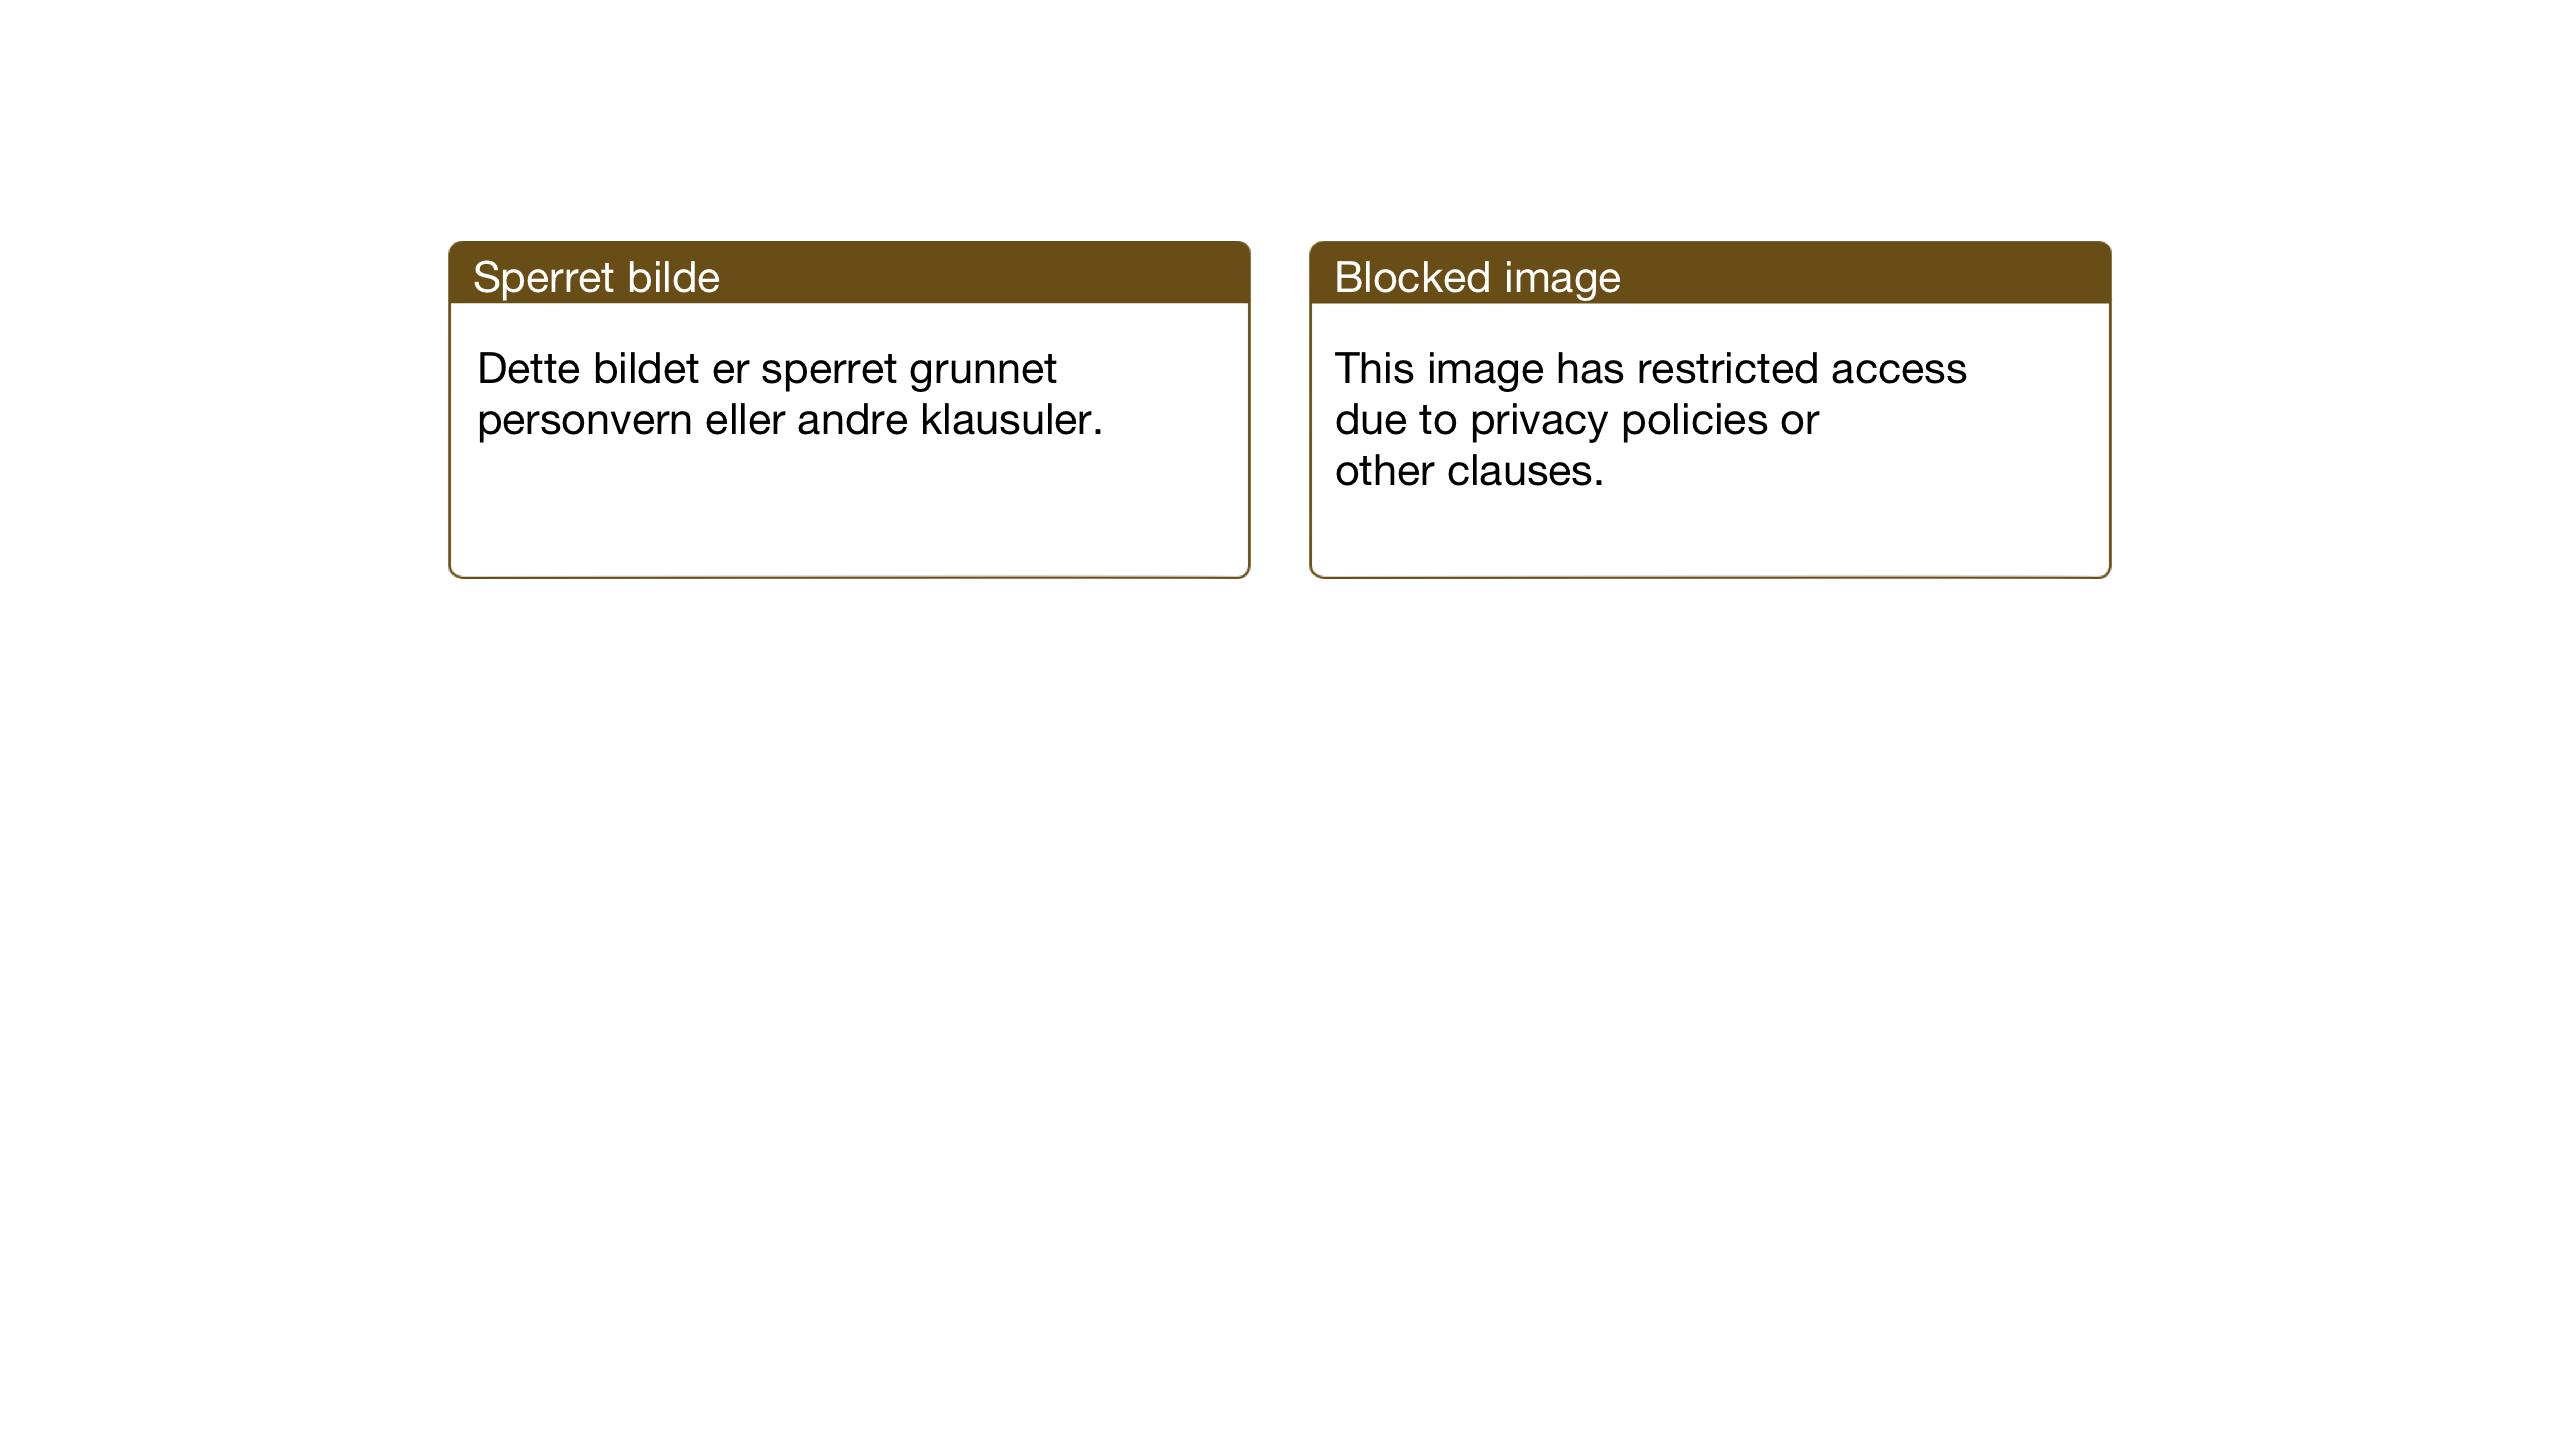 SAT, Ministerialprotokoller, klokkerbøker og fødselsregistre - Nord-Trøndelag, 755/L0500: Klokkerbok nr. 755C01, 1920-1962, s. 29